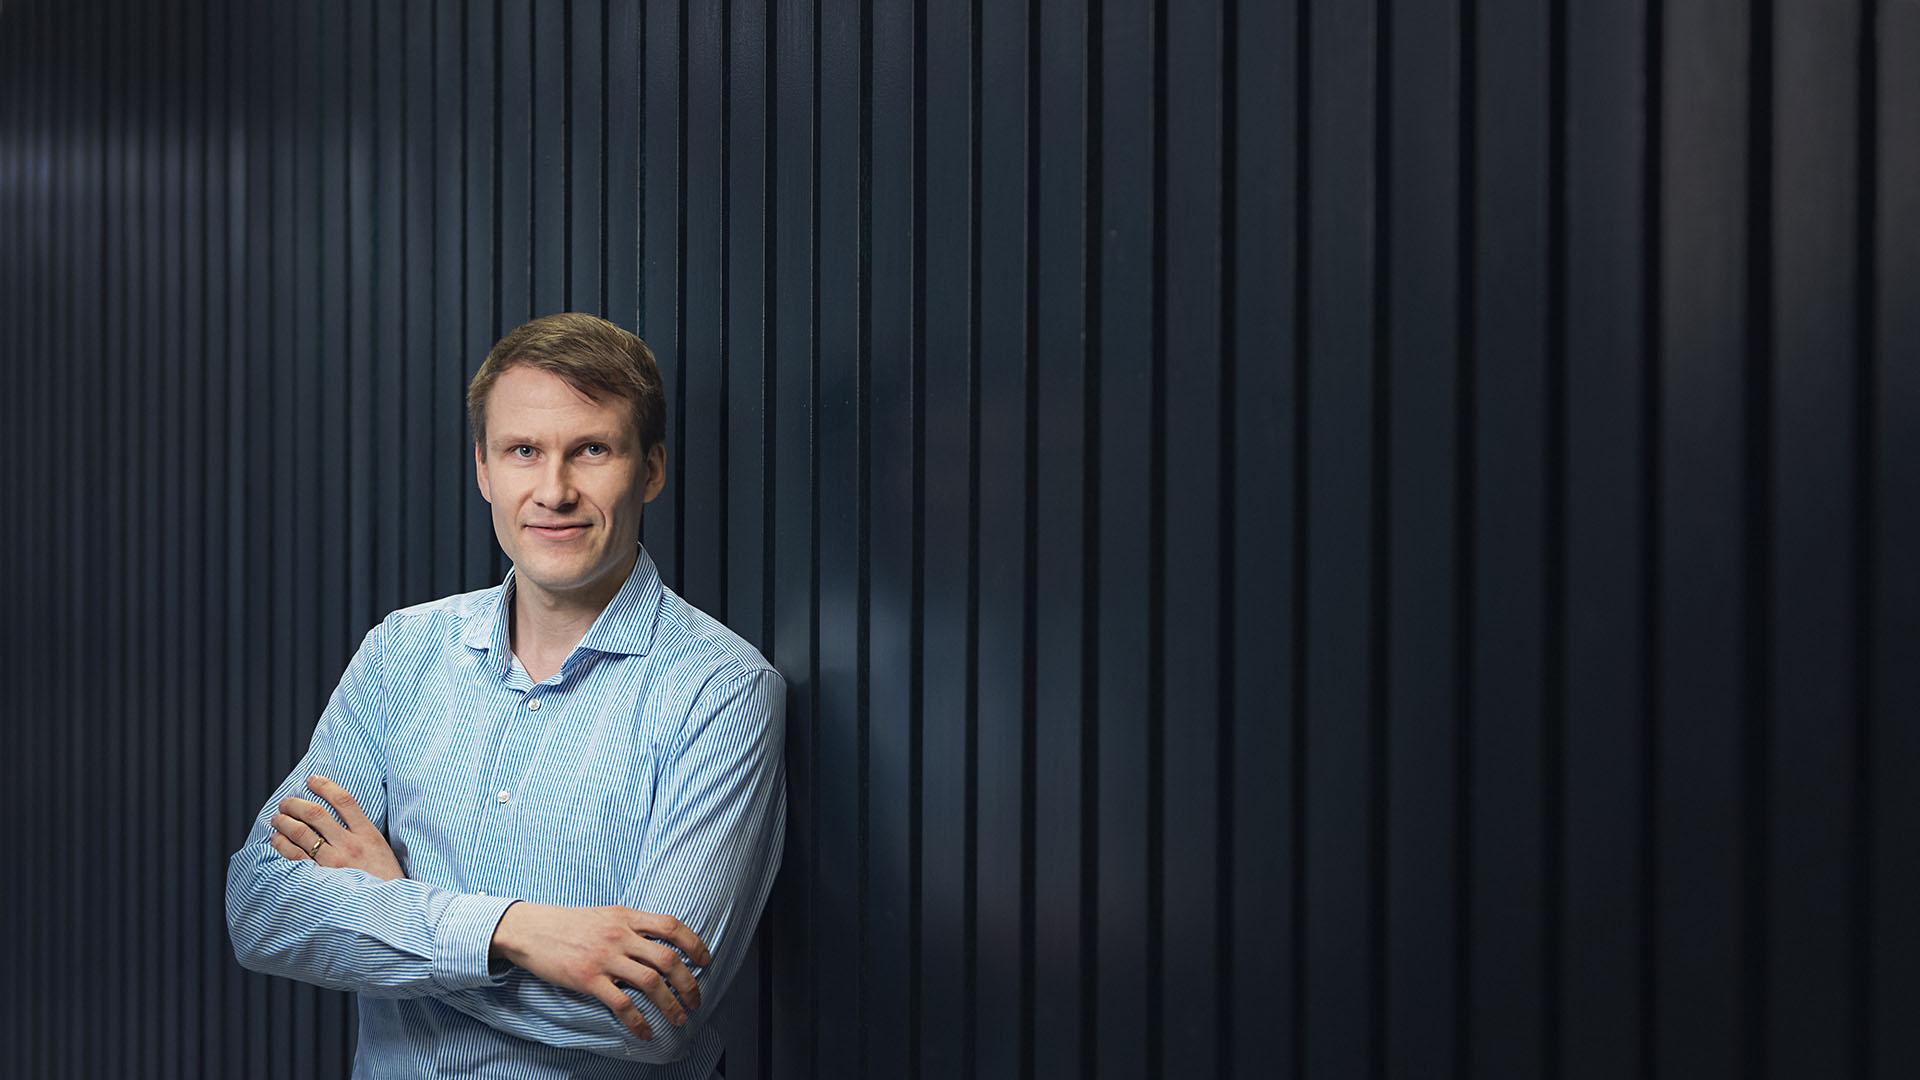 Päivö Kinnunen, tutkija, Oulun yliopiston kuitu- ja partikkelitekniikan tutkimusyksikkö